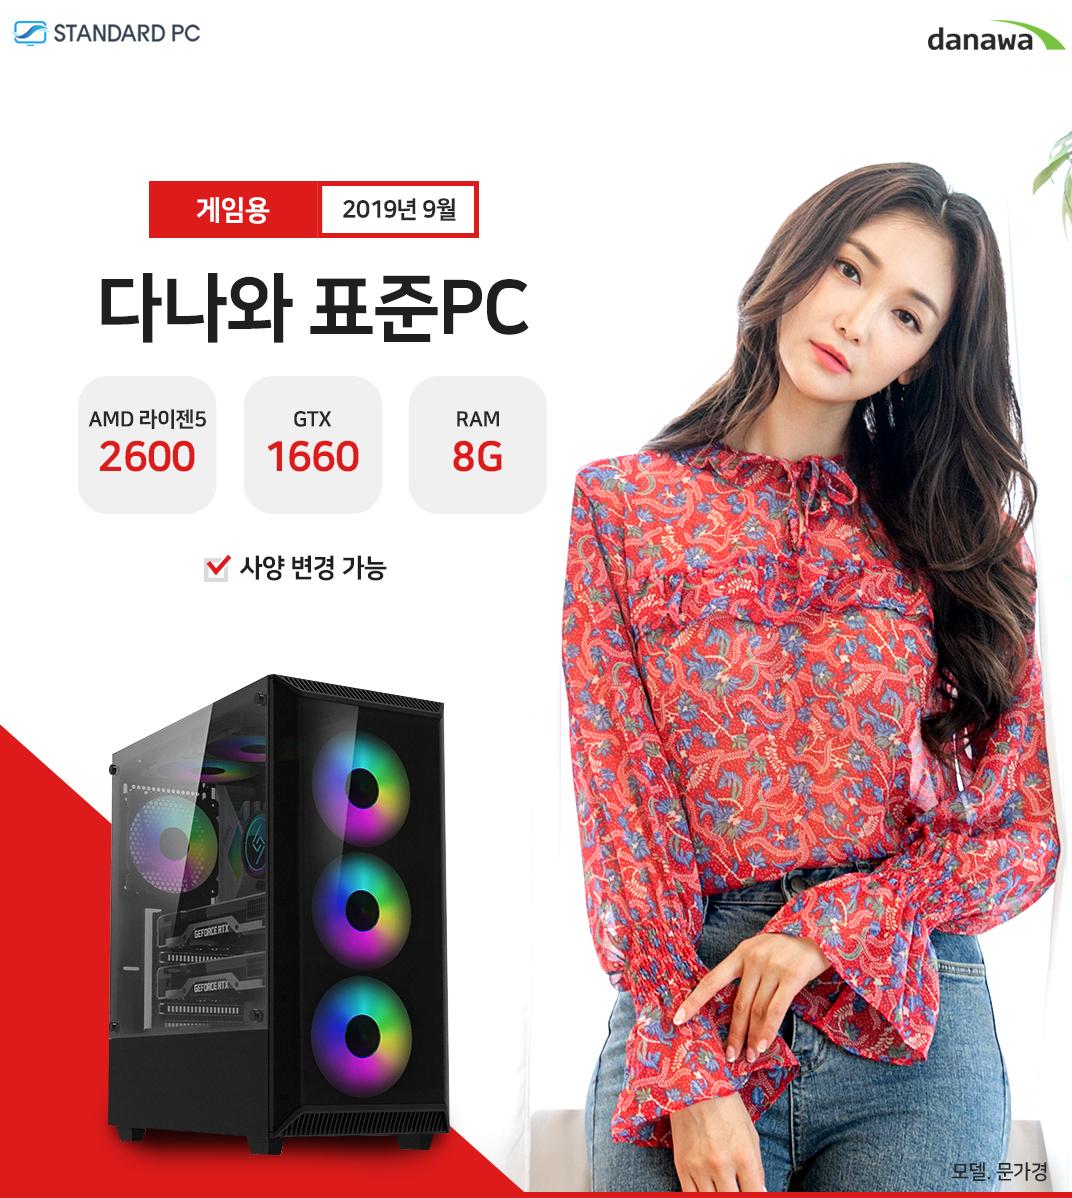 2019년 9월 다나와 표준PC 멀티디미어용 AMD 라이젠 5 2600 GTX1660 RAM 8G 모델 문가경